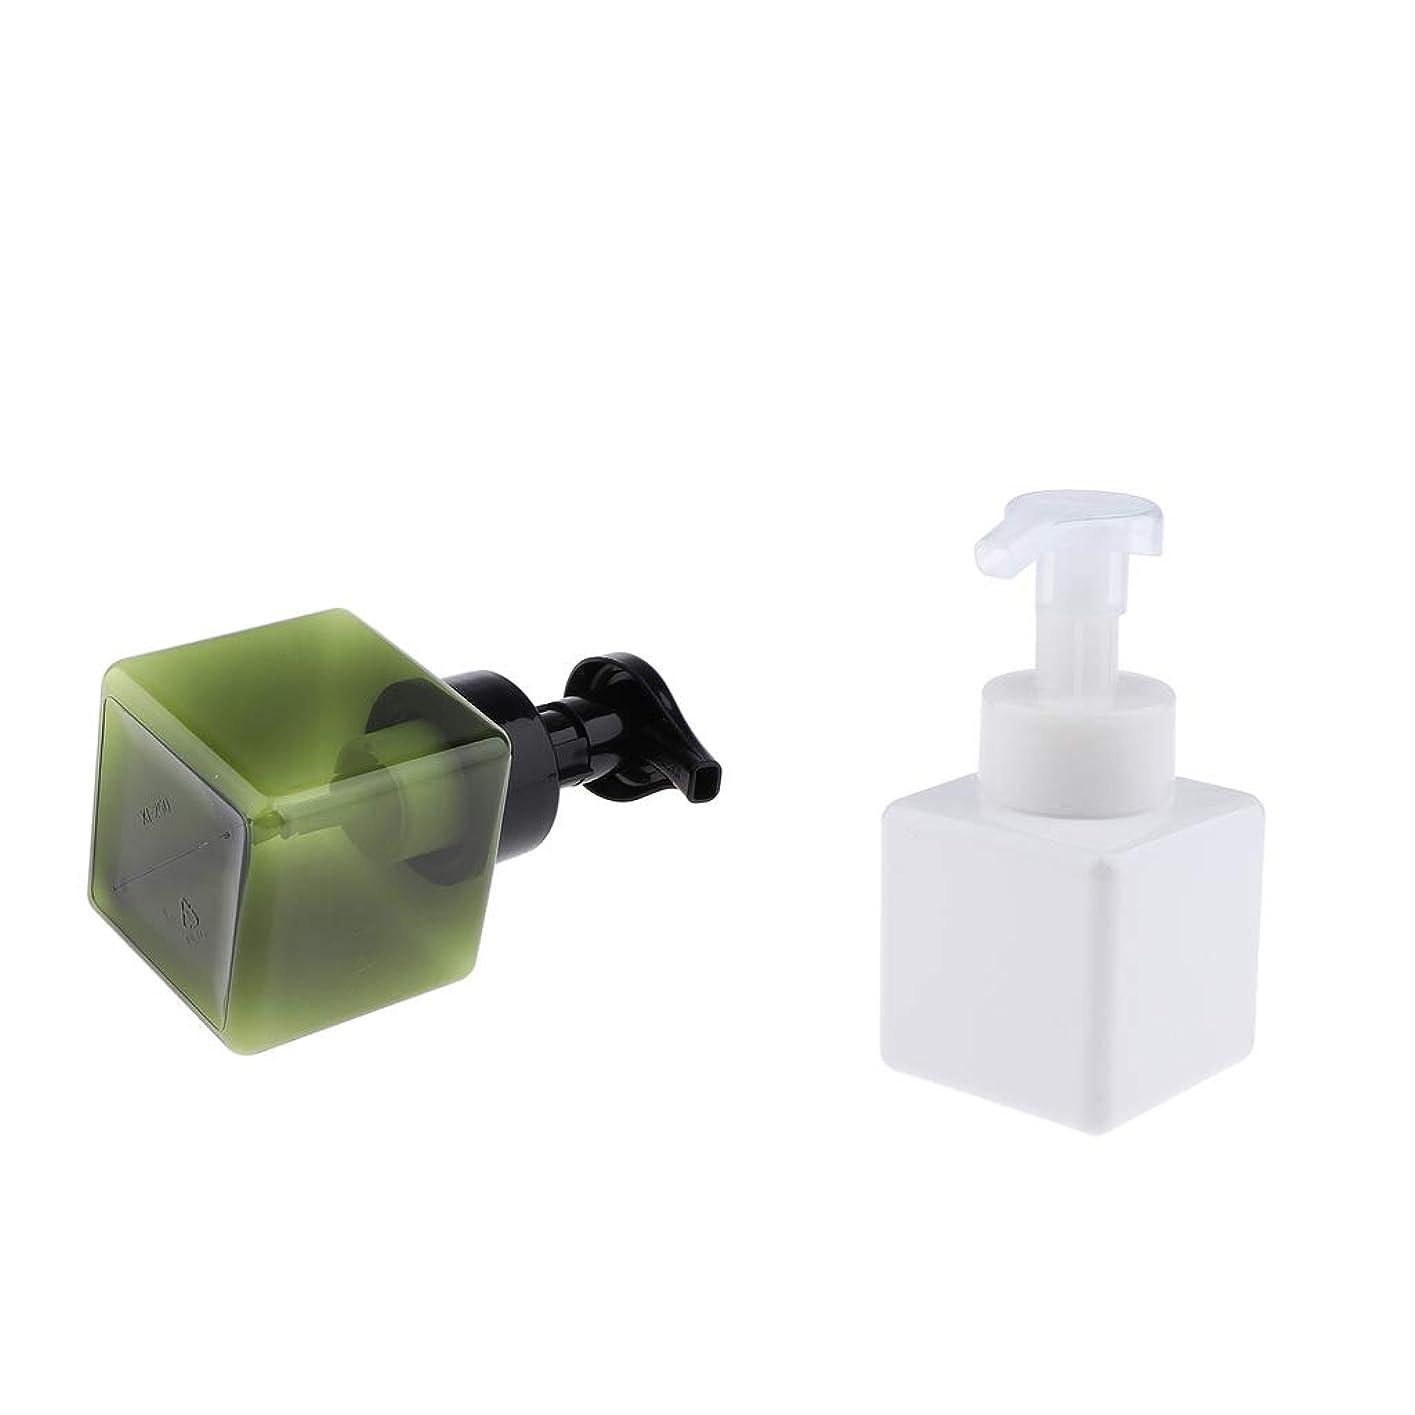 スピン画像有名なCUTICATE 泡ボトル 携帯用 洗剤用詰め替え容器 約250ミリリットル 泡ハンドソープ ボディソープ 洗顔フォーム